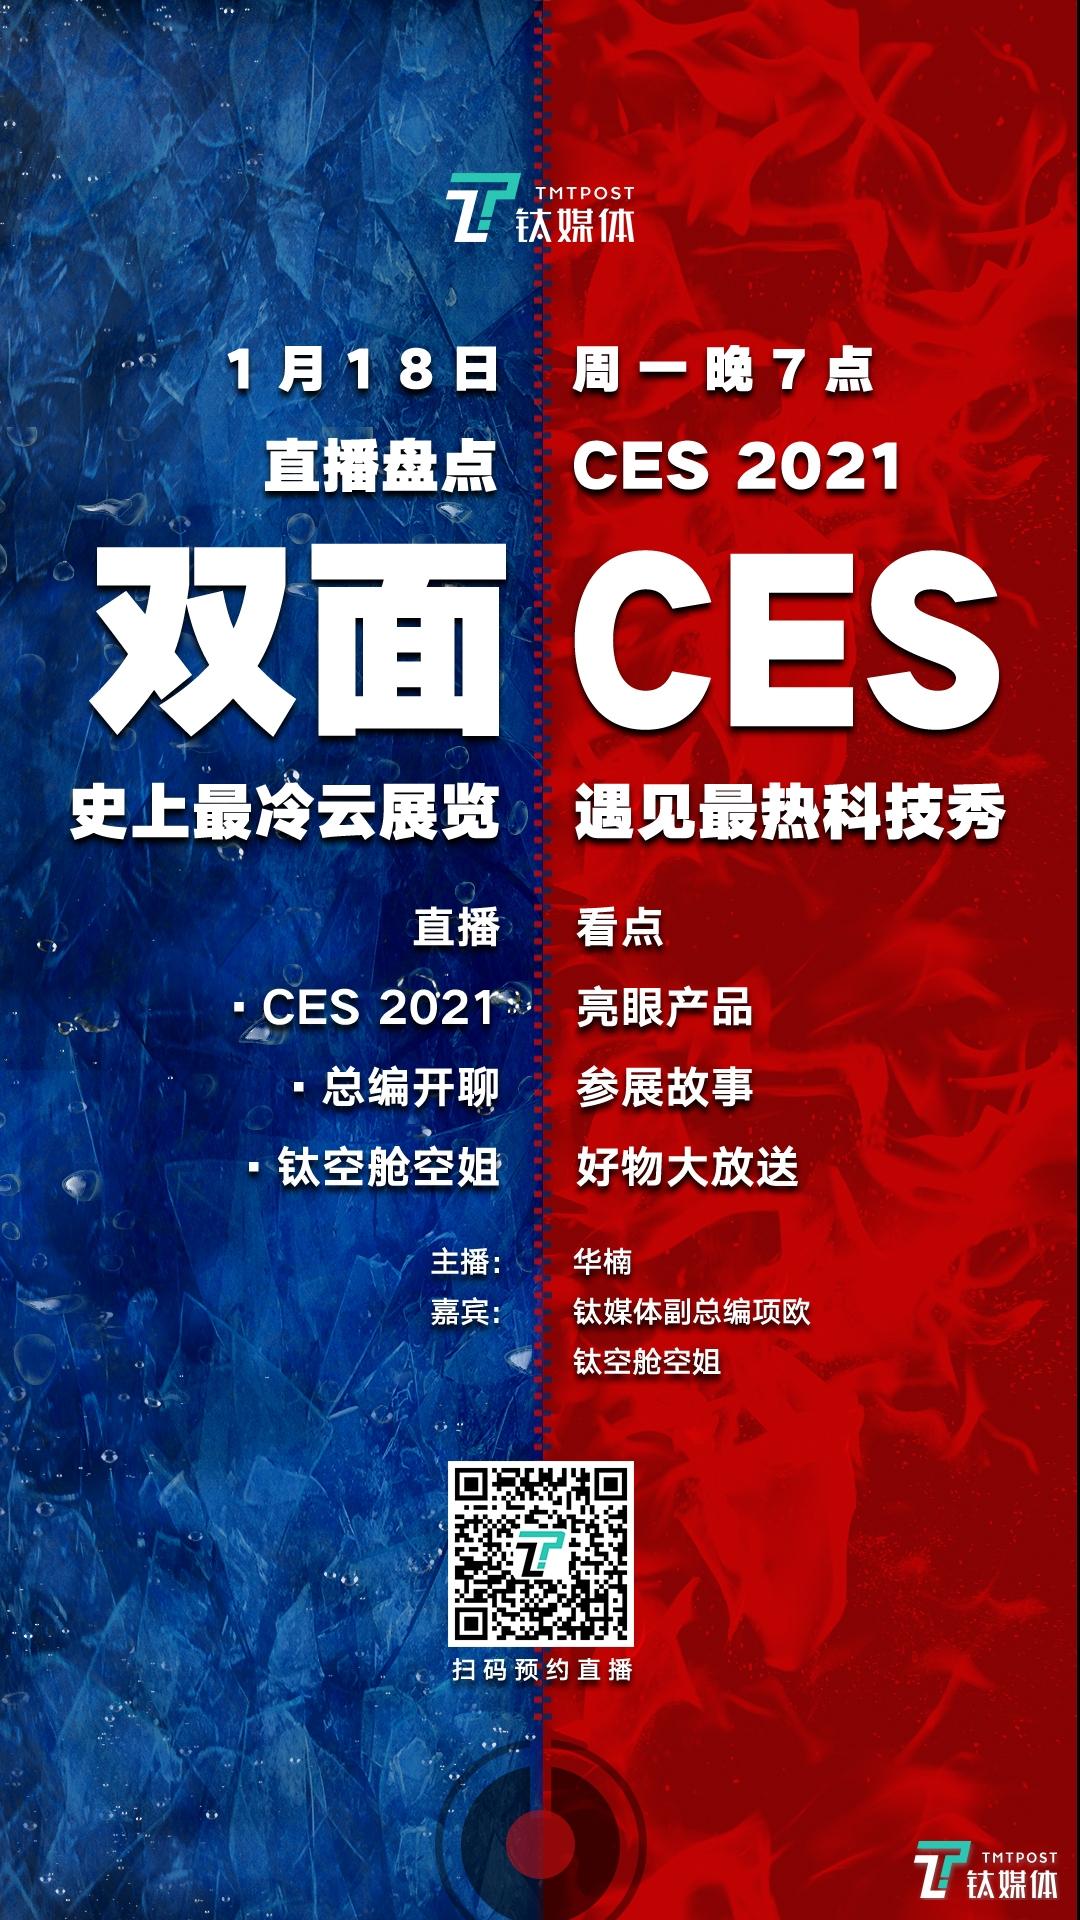 【直播预告】双面CES:最冷云展览里的最热科技秀